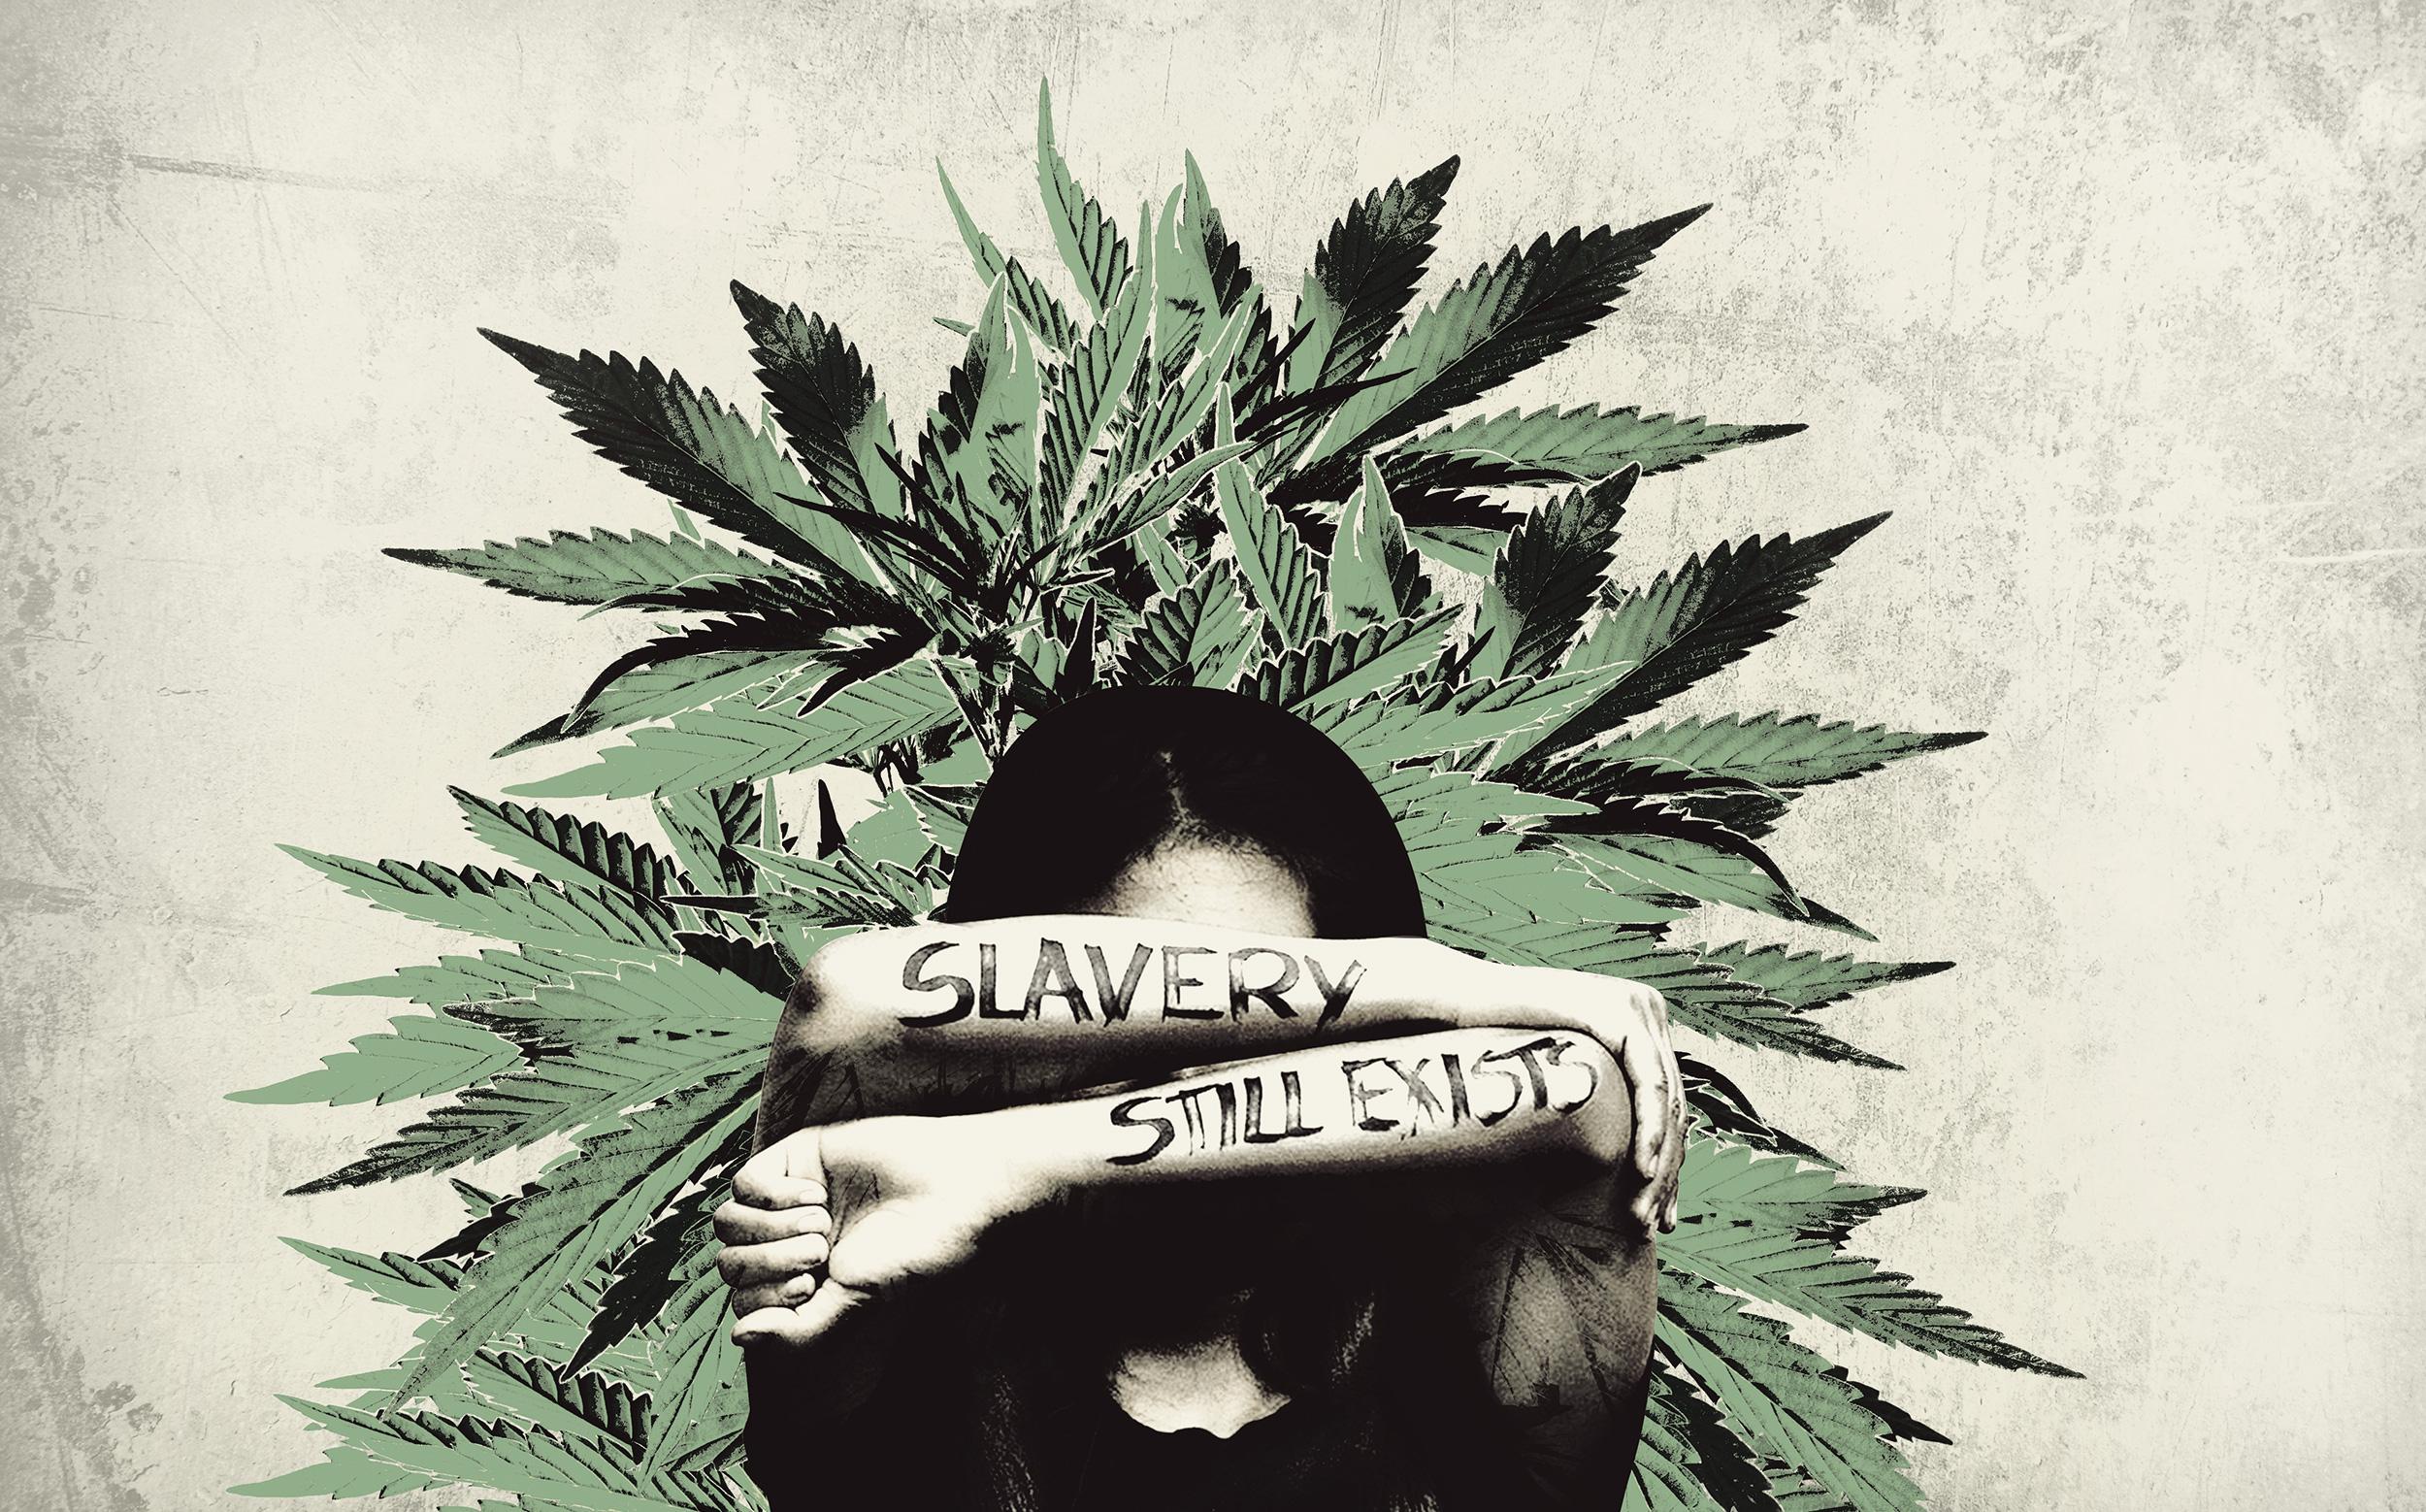 Moderne Sklaverei - Auch illegale Cannabis-Plantagen profitieren davon